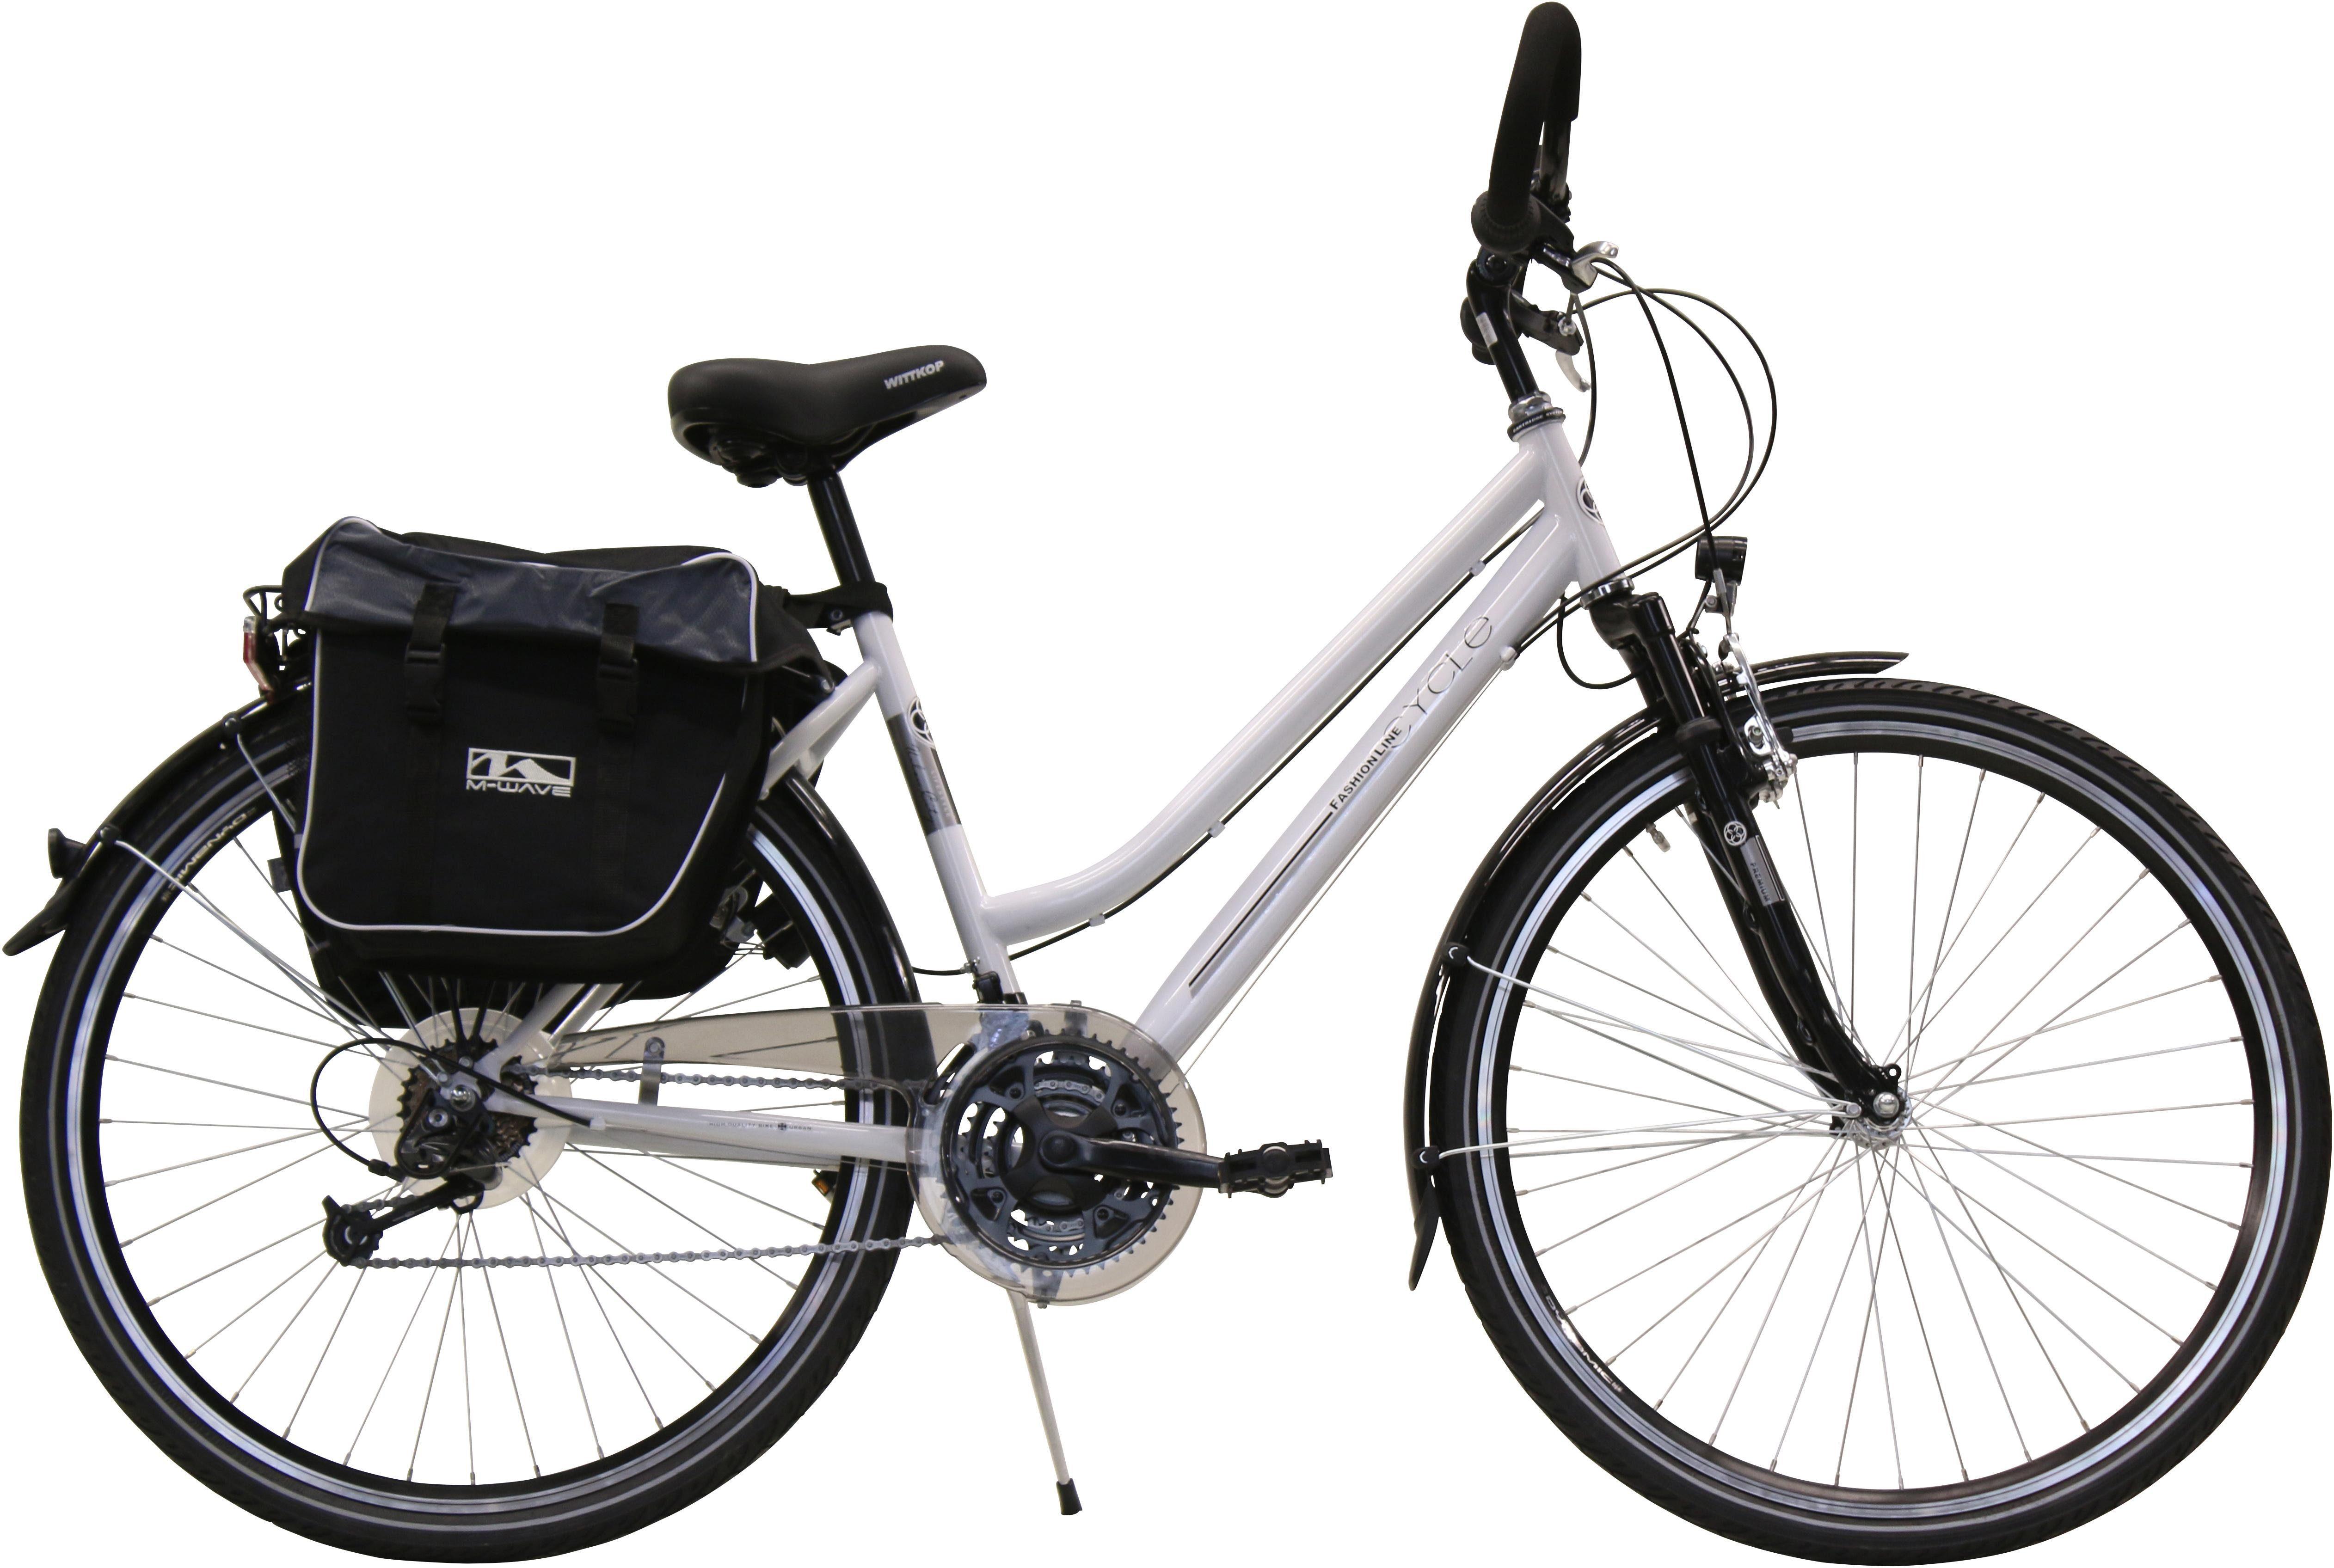 FASHION LINE Trekkingrad, 21 Gang Shimano Deore Schaltwerk, Kettenschaltung, (Set, mit Gepäckträgertasche)